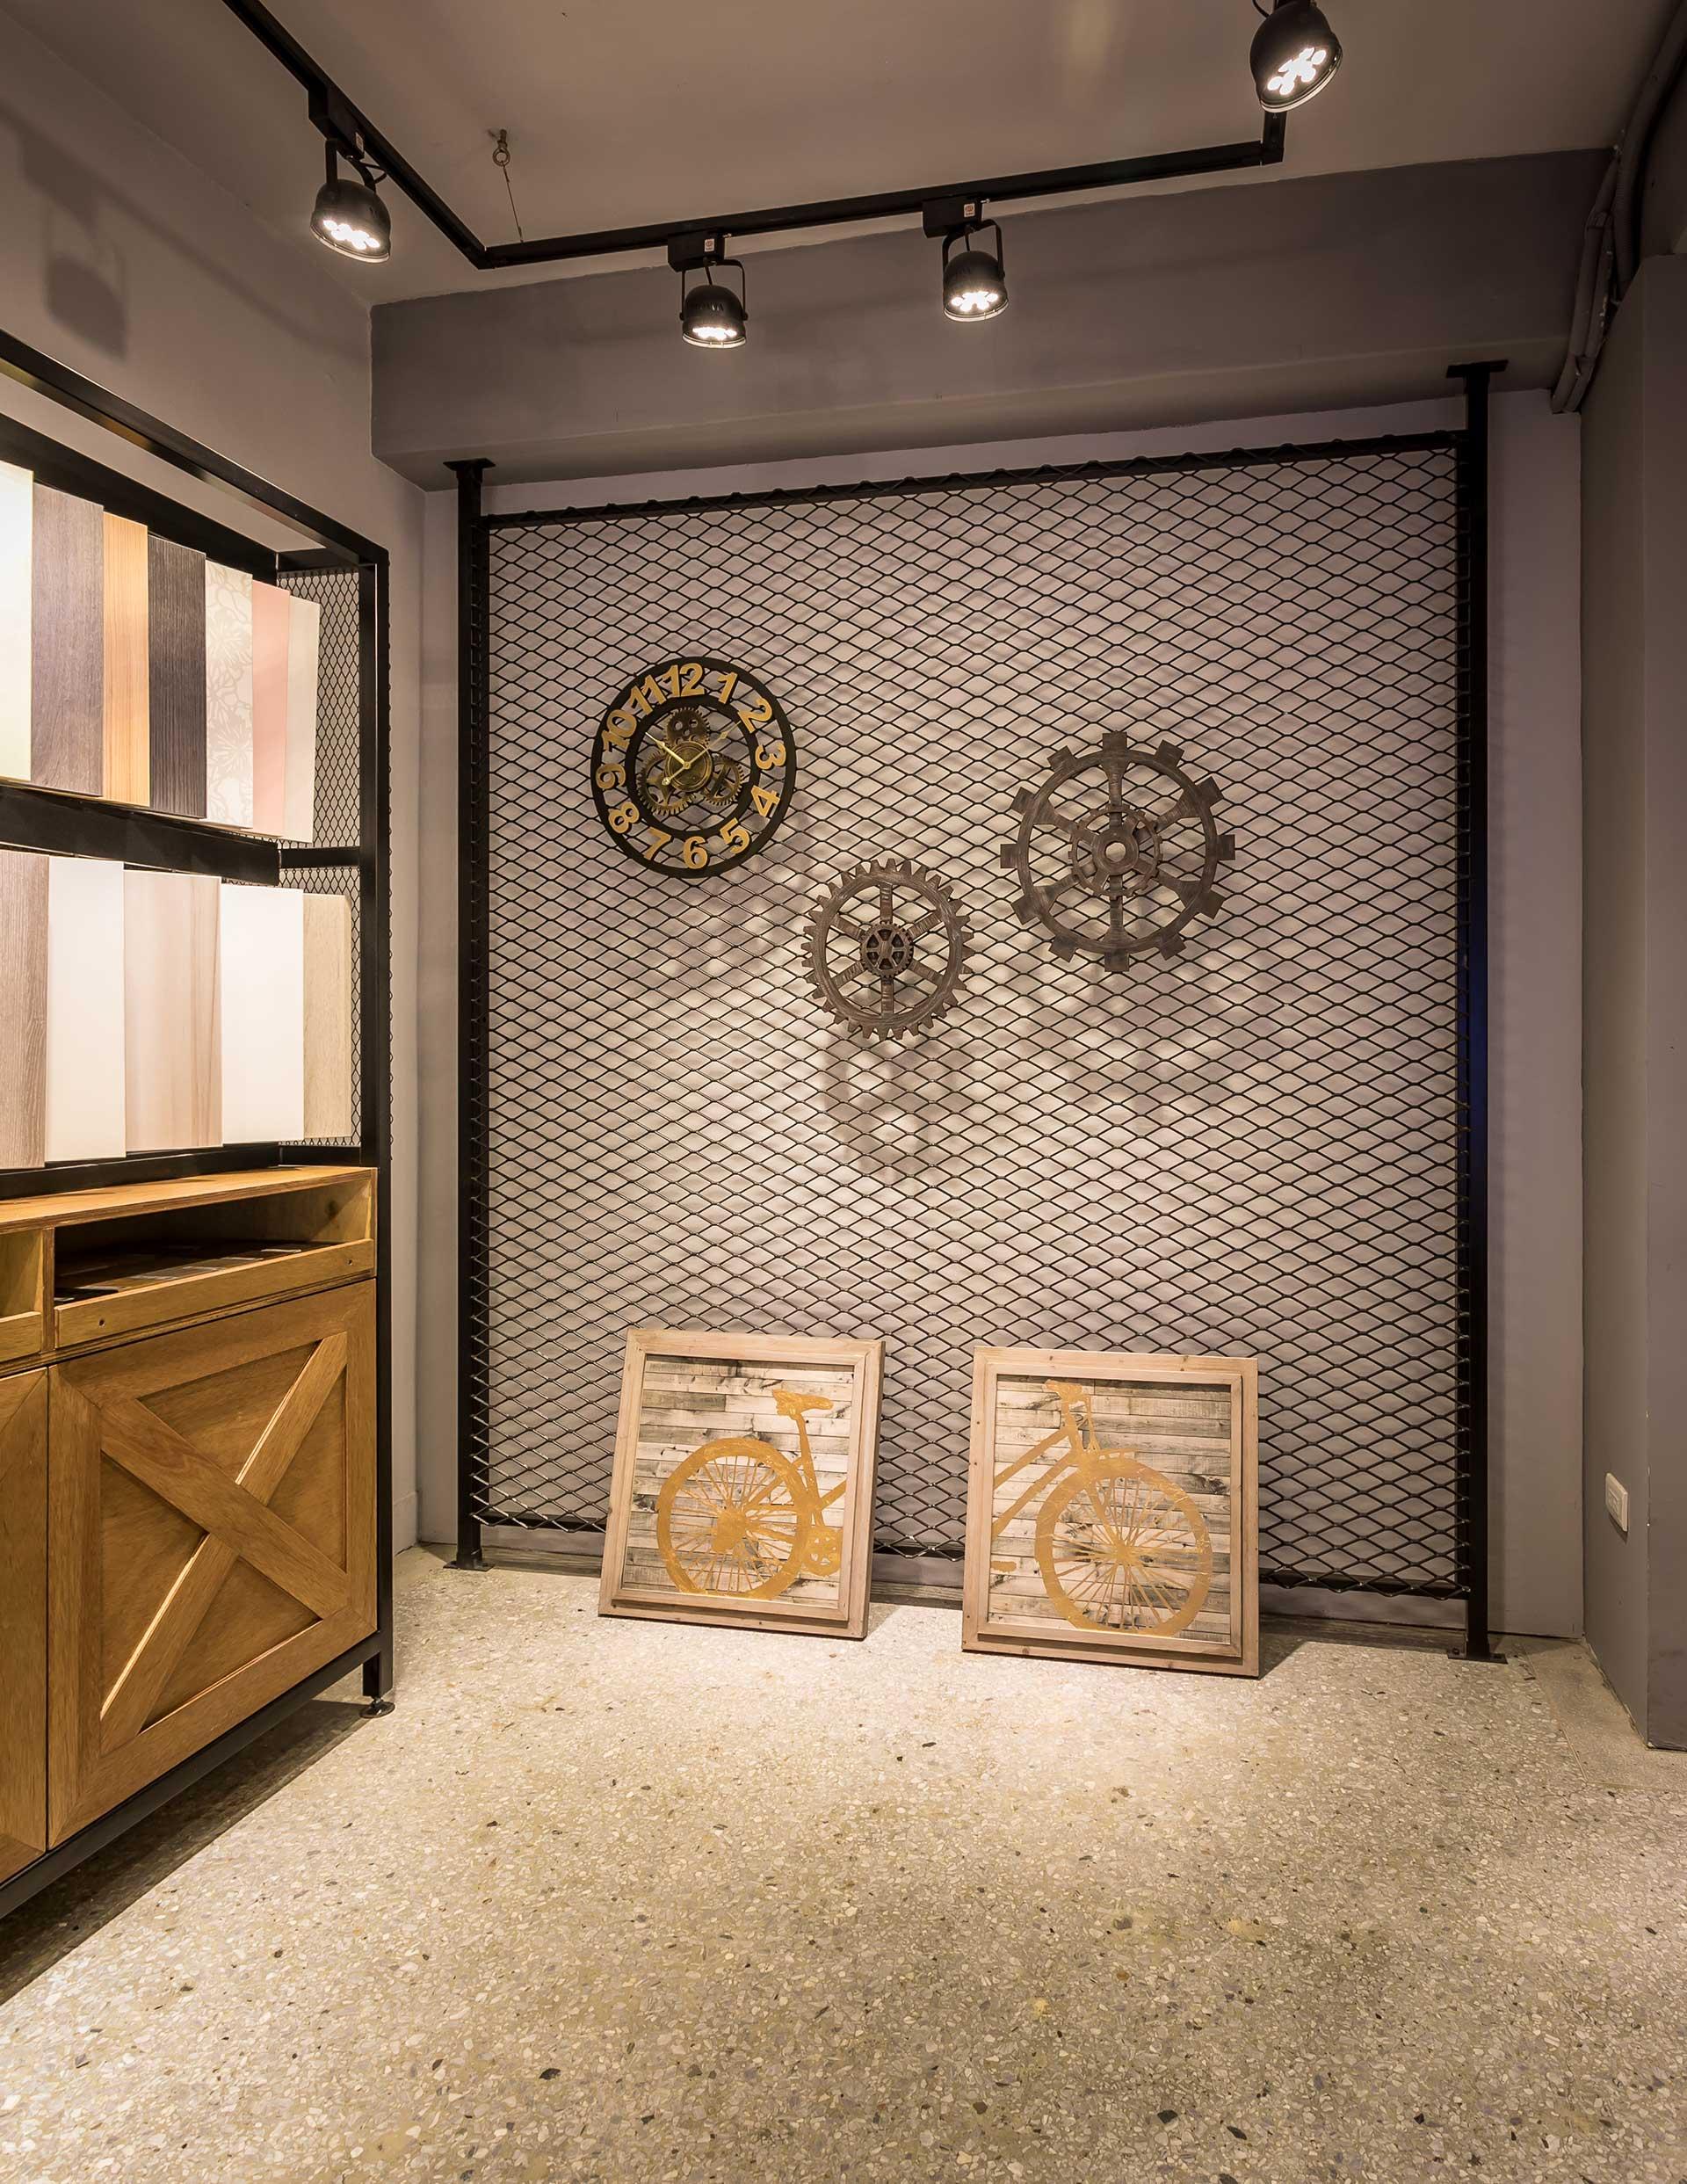 搭配金屬掛勾展示家飾佈置品的鐵網牆面